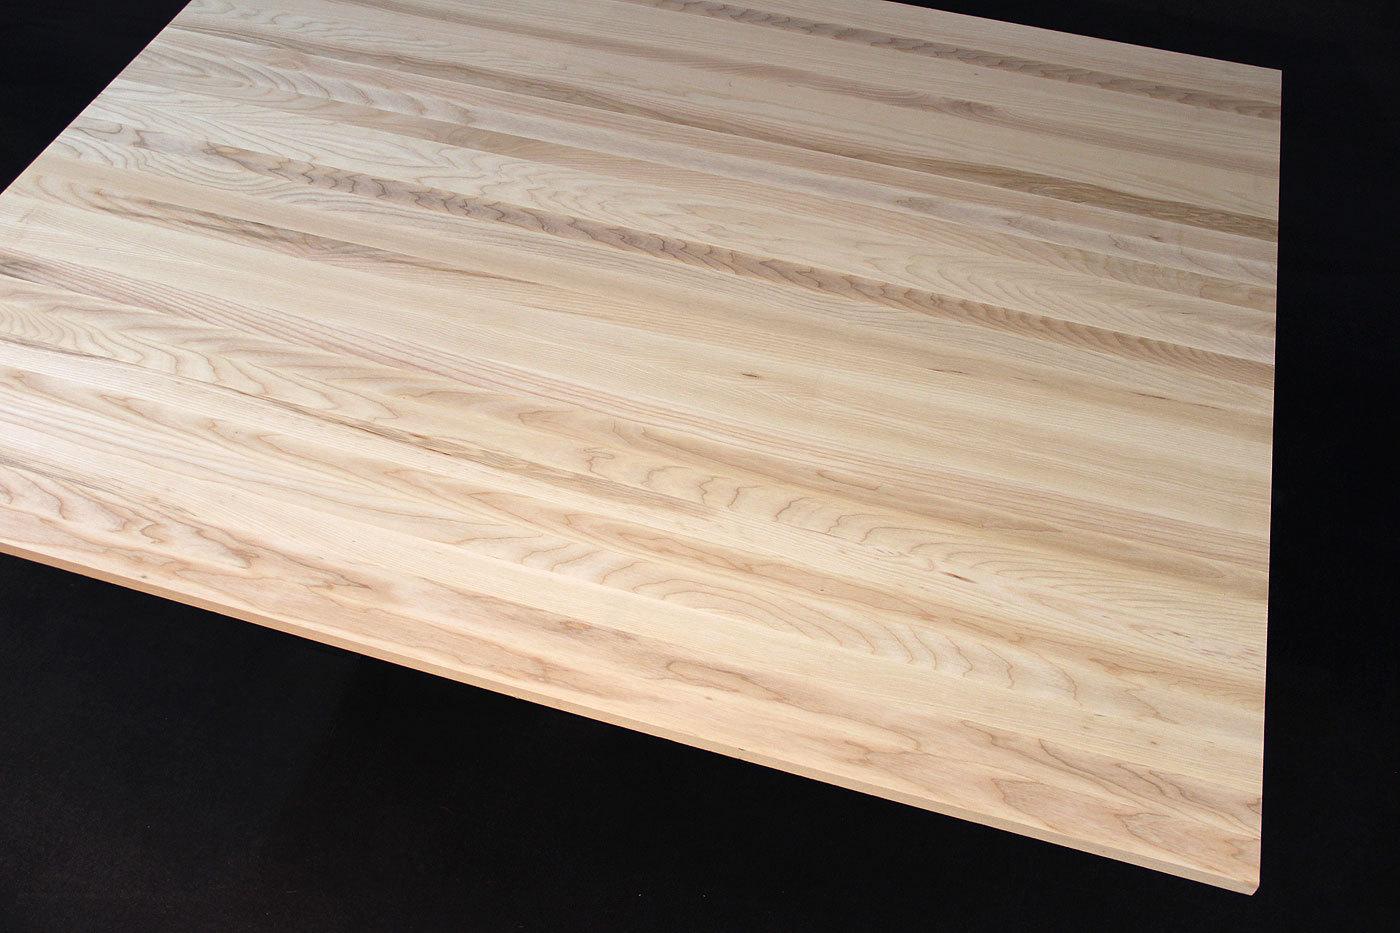 Top Möbelbauplatten 19/20mm durchgehende Lamellen  VU15